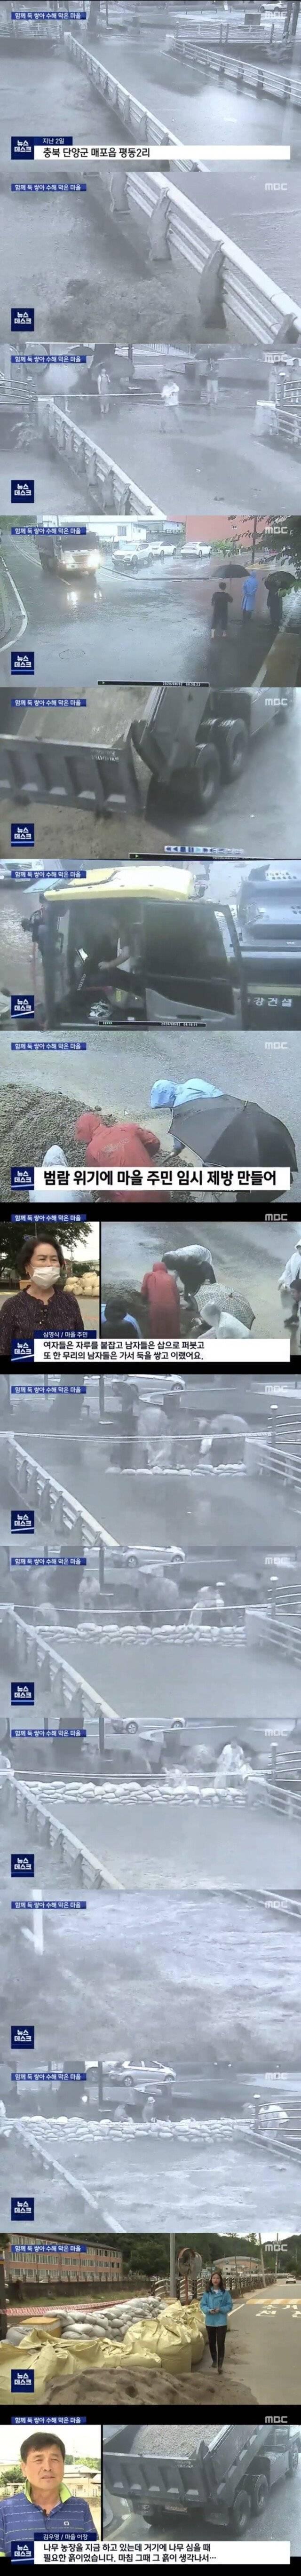 침수 위기의 마을을 구한 이장님 상황 판단력 ㄷㄷㄷ.jpg | 인스티즈